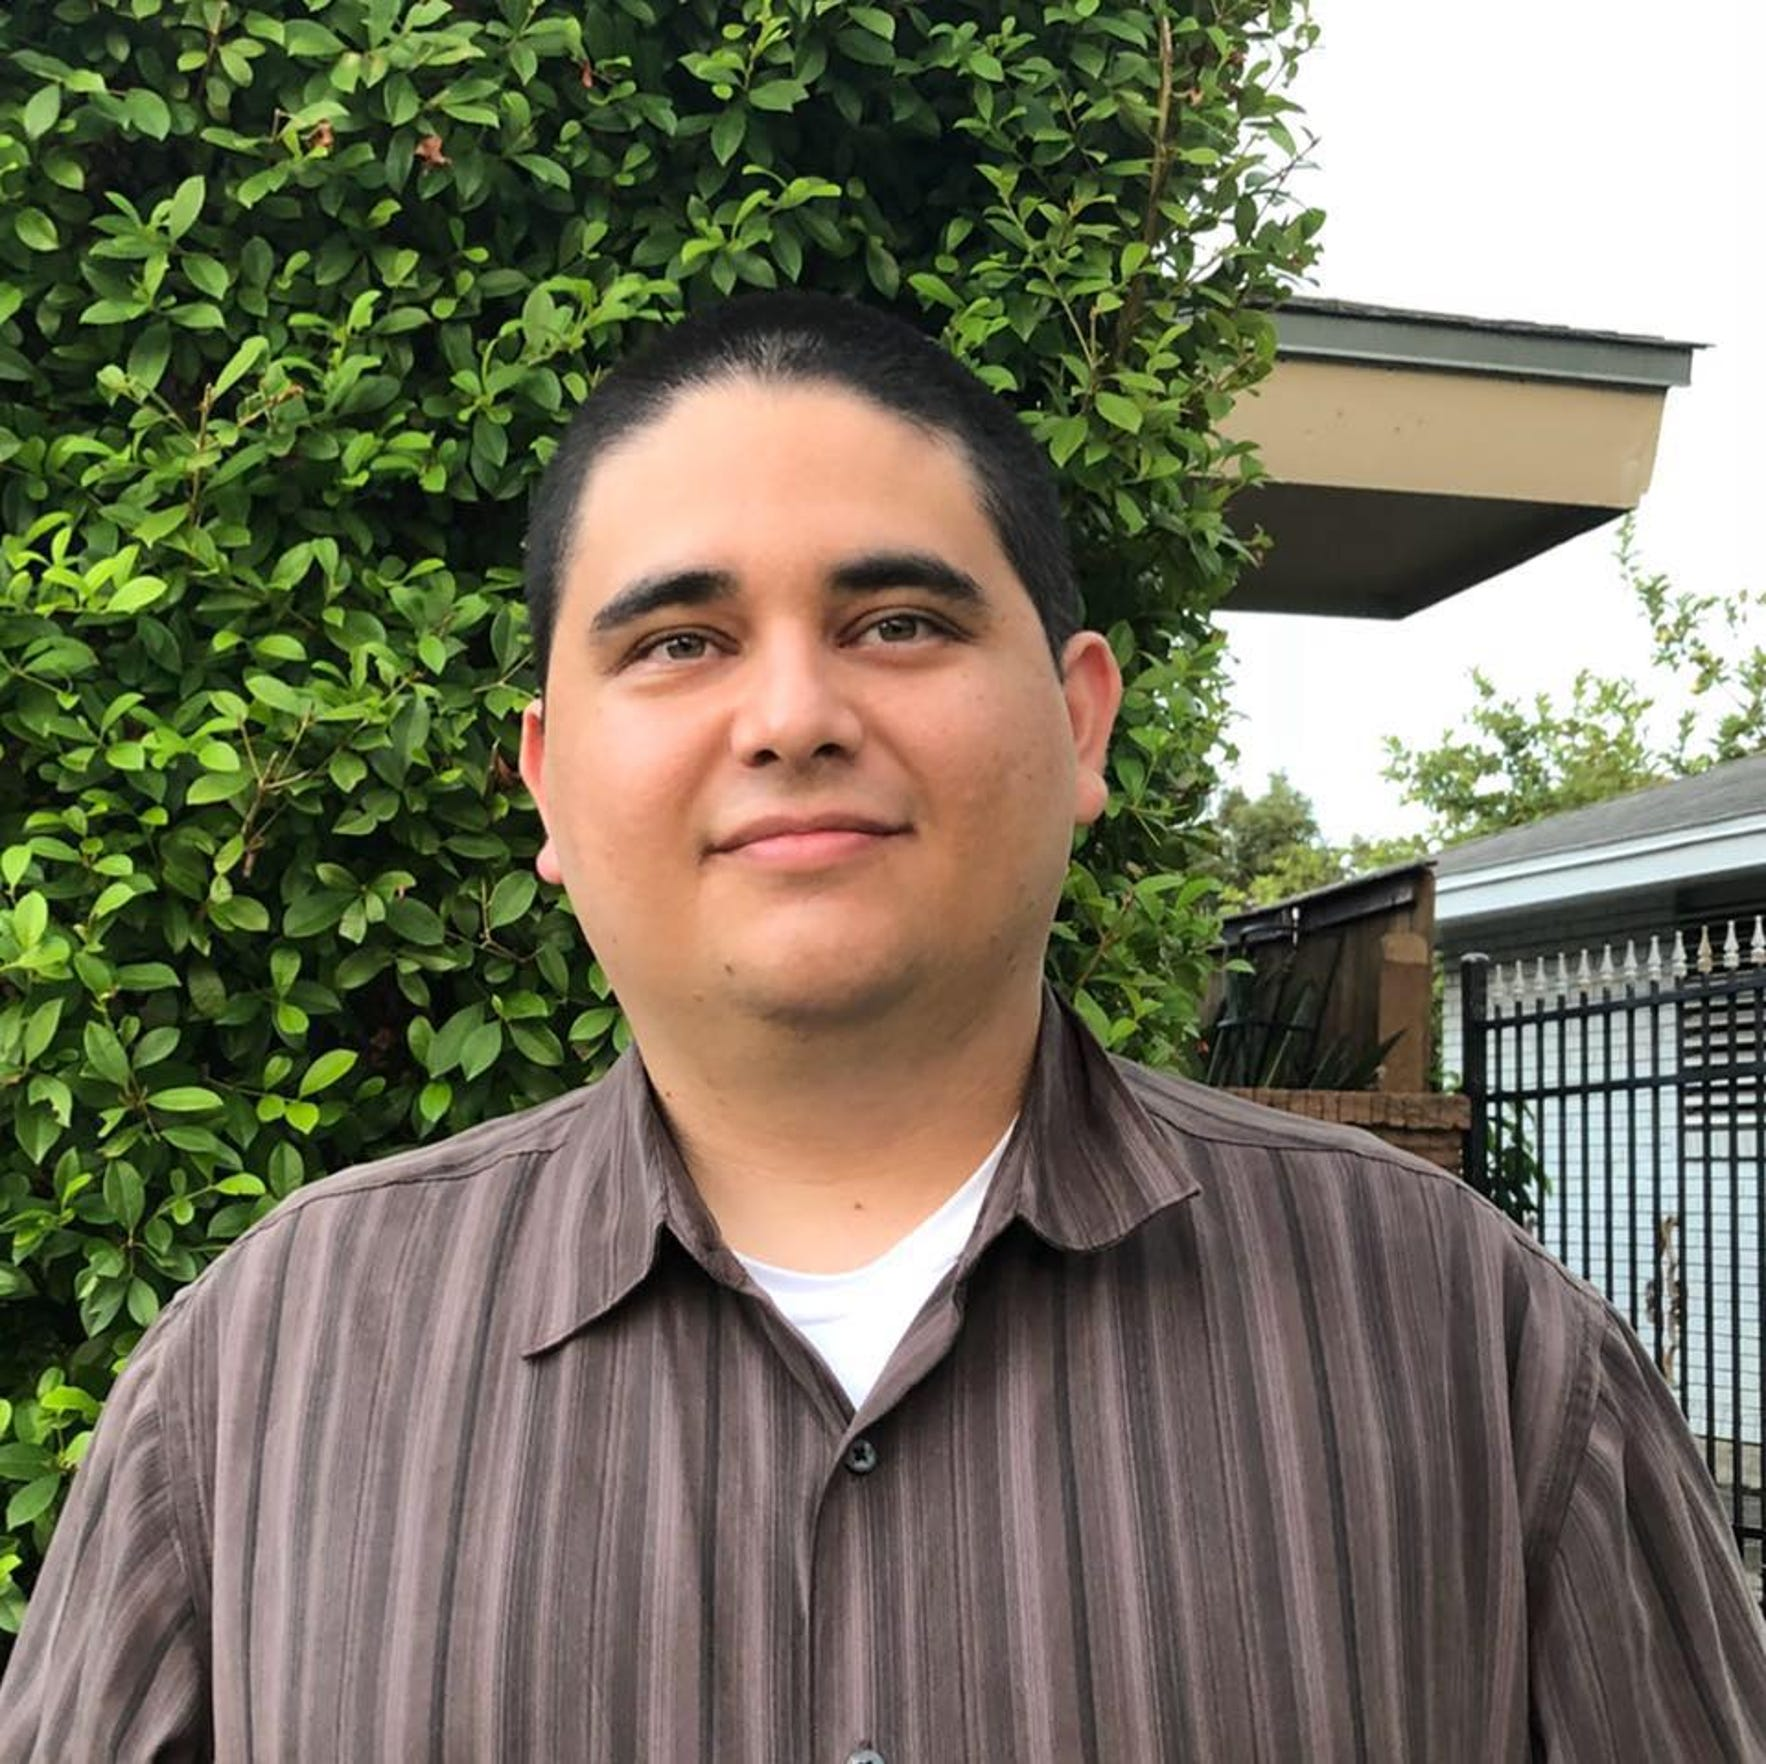 District 4 City Council candidate Richard Diaz